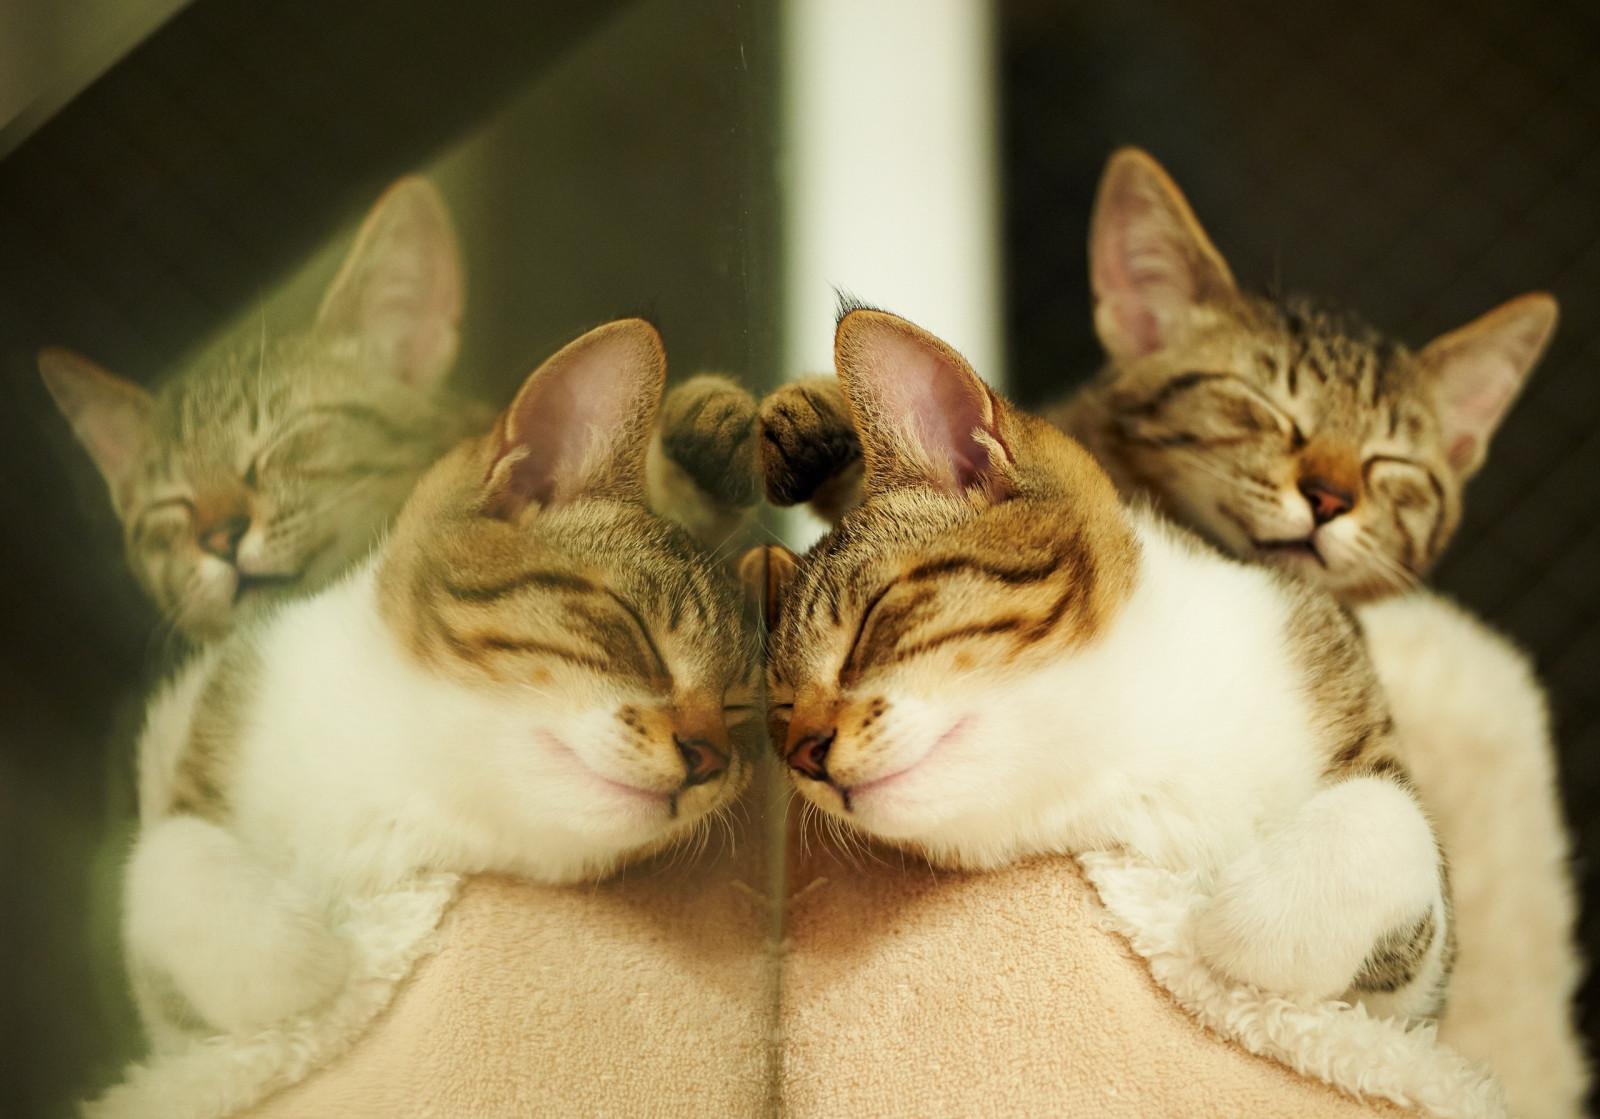 Котики в картинках котиков смотрим, открытки